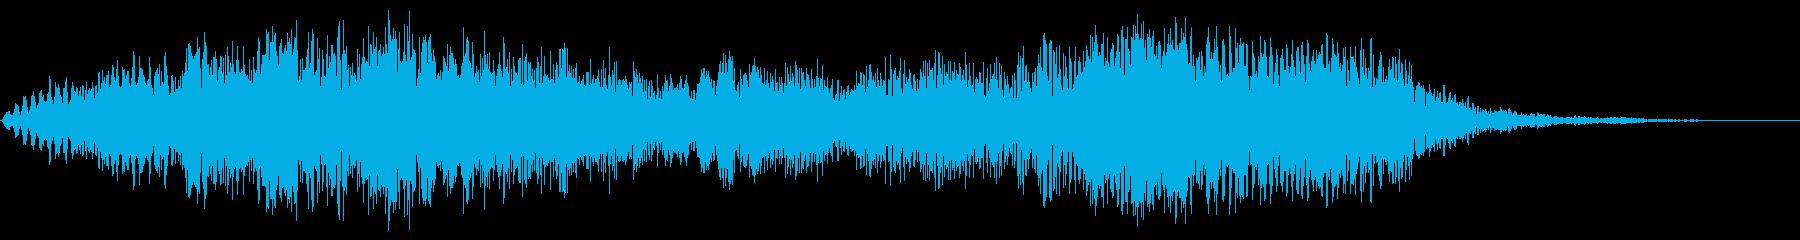 ルルルルルールルルル(なだらかな抑揚)の再生済みの波形